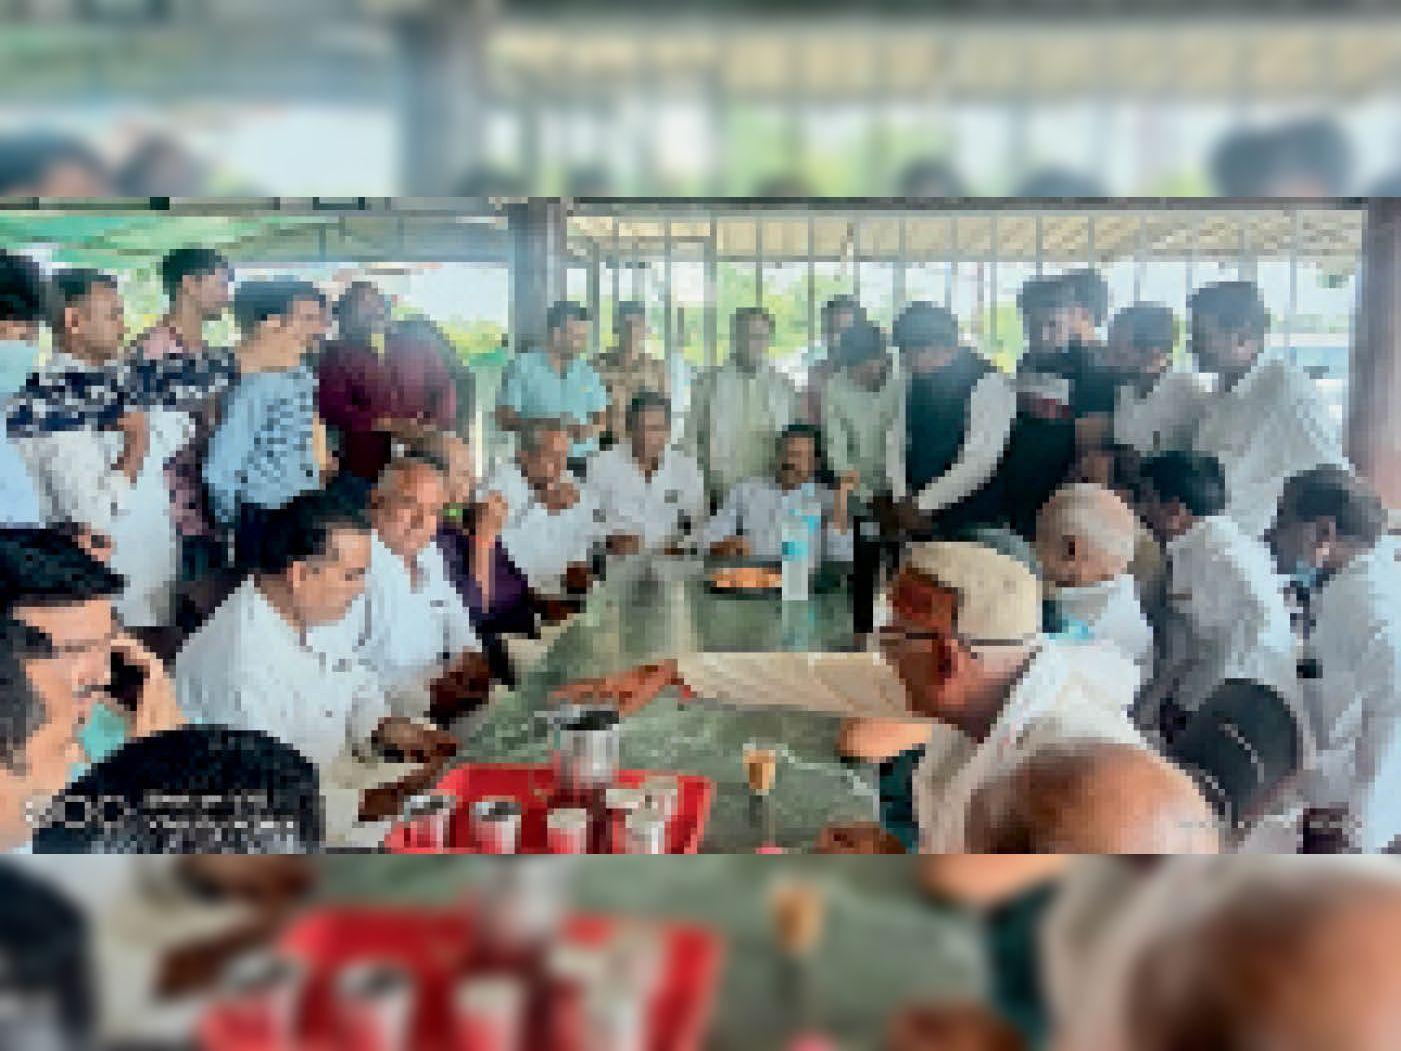 पूर्व मंत्री सज्जन सिंह वर्मा तथा पूर्व प्रदेश अध्यक्ष कार्यकर्ताओं से मिले। - Dainik Bhaskar